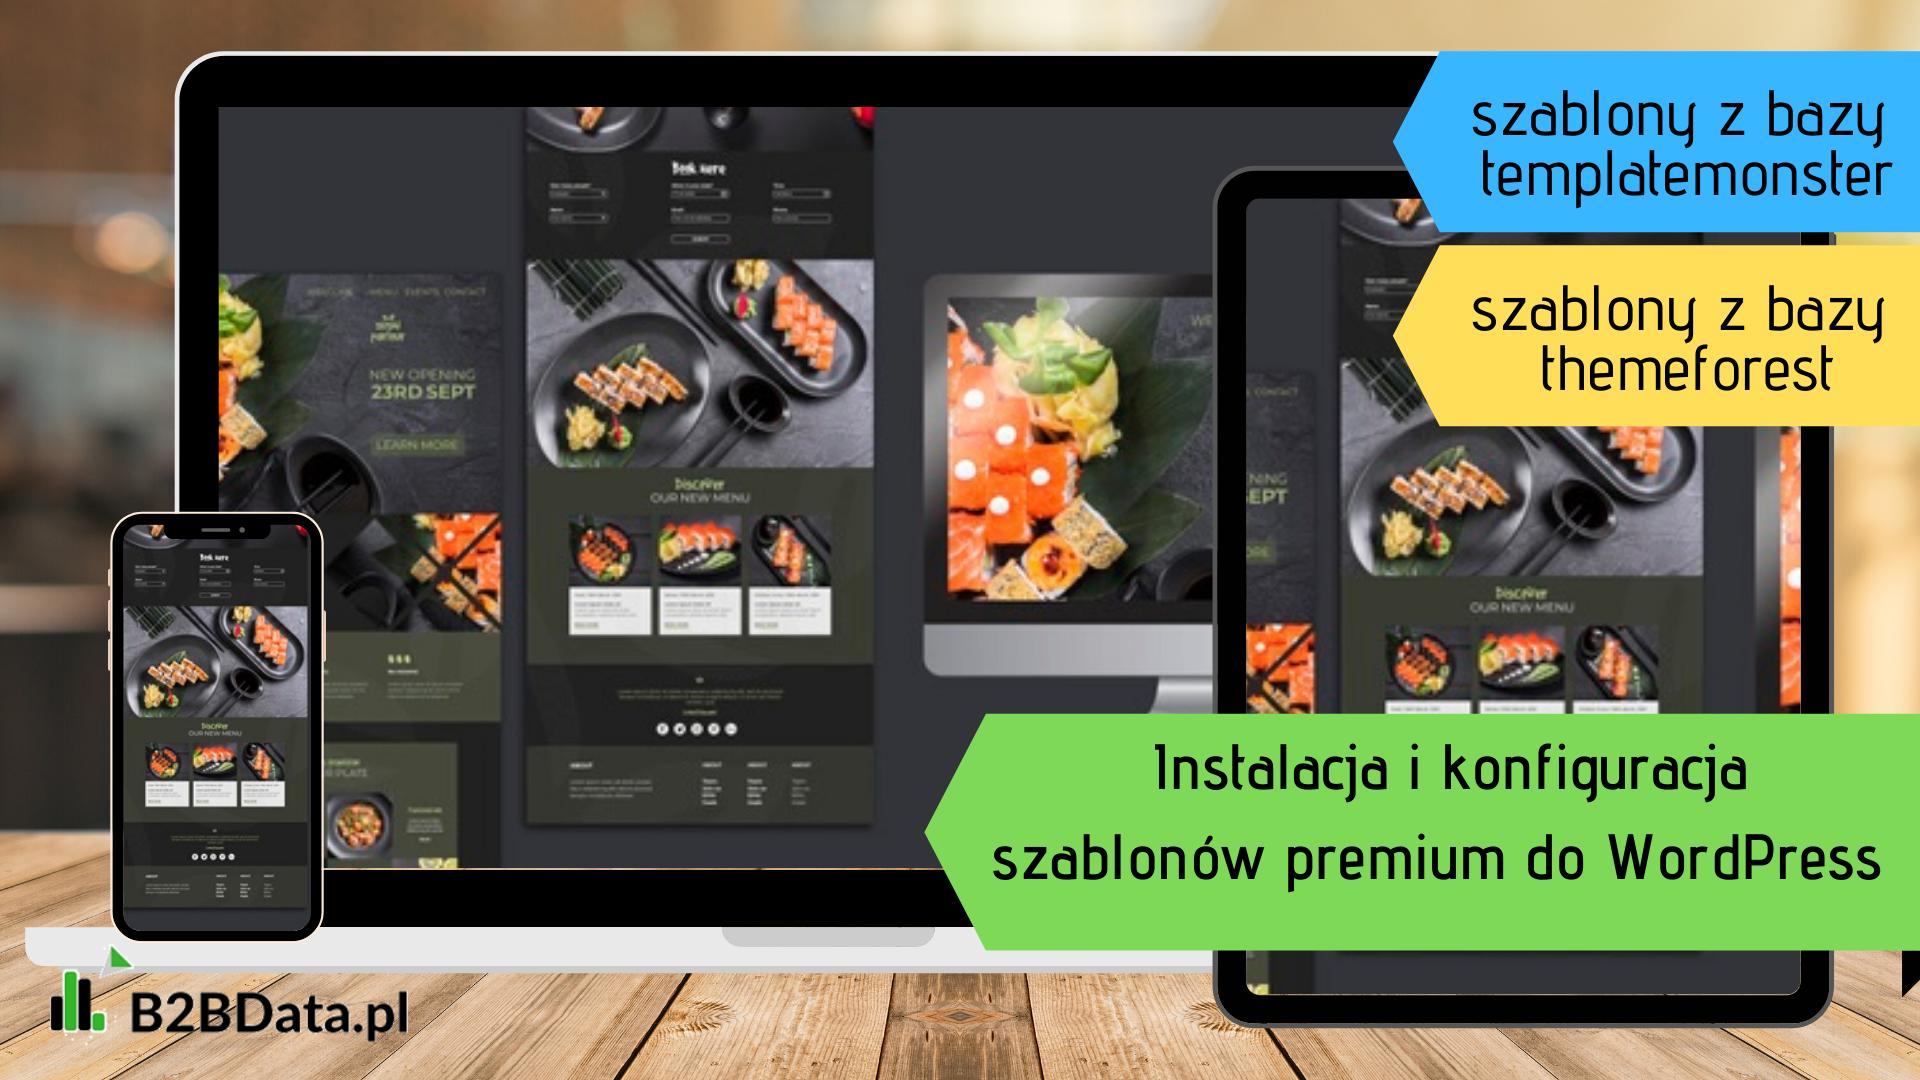 szablony premium wp - Home